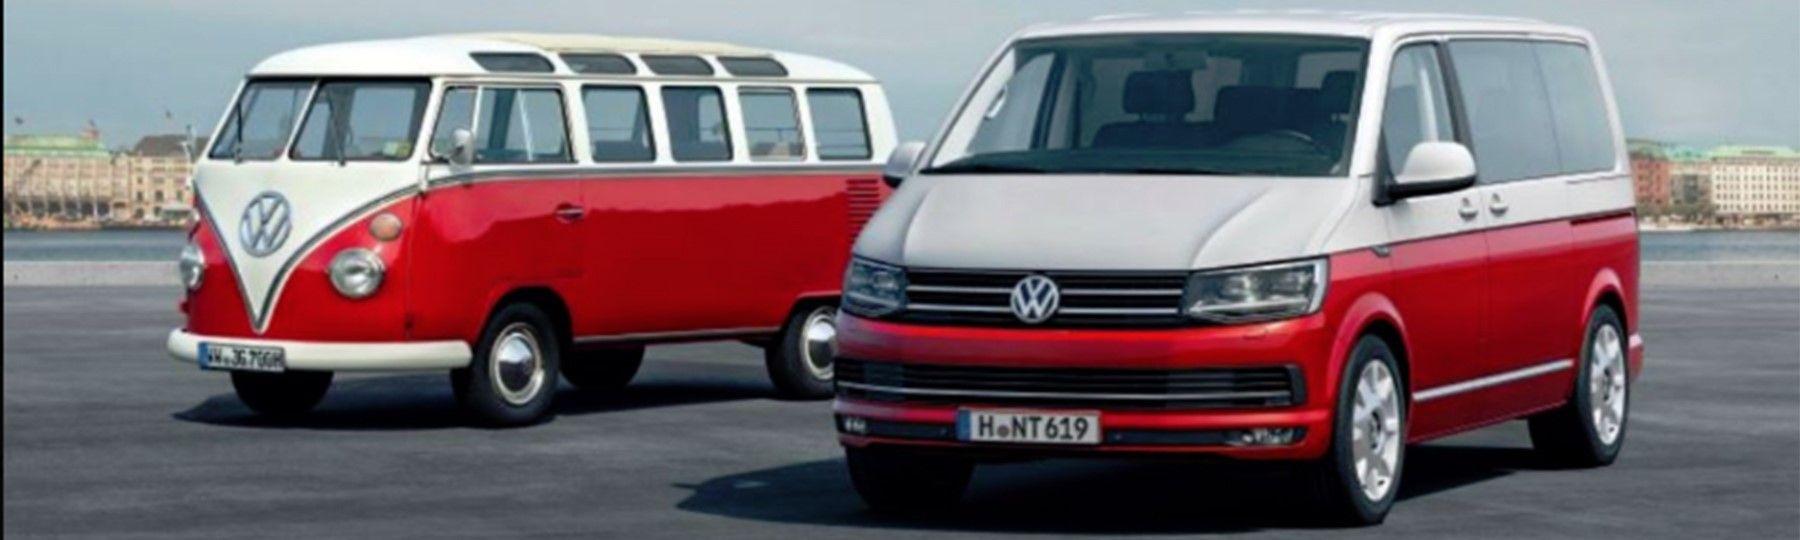 Talleres Xàtiva, Concesionario Oficial Volkswagen en Xàtiva (Valencia)